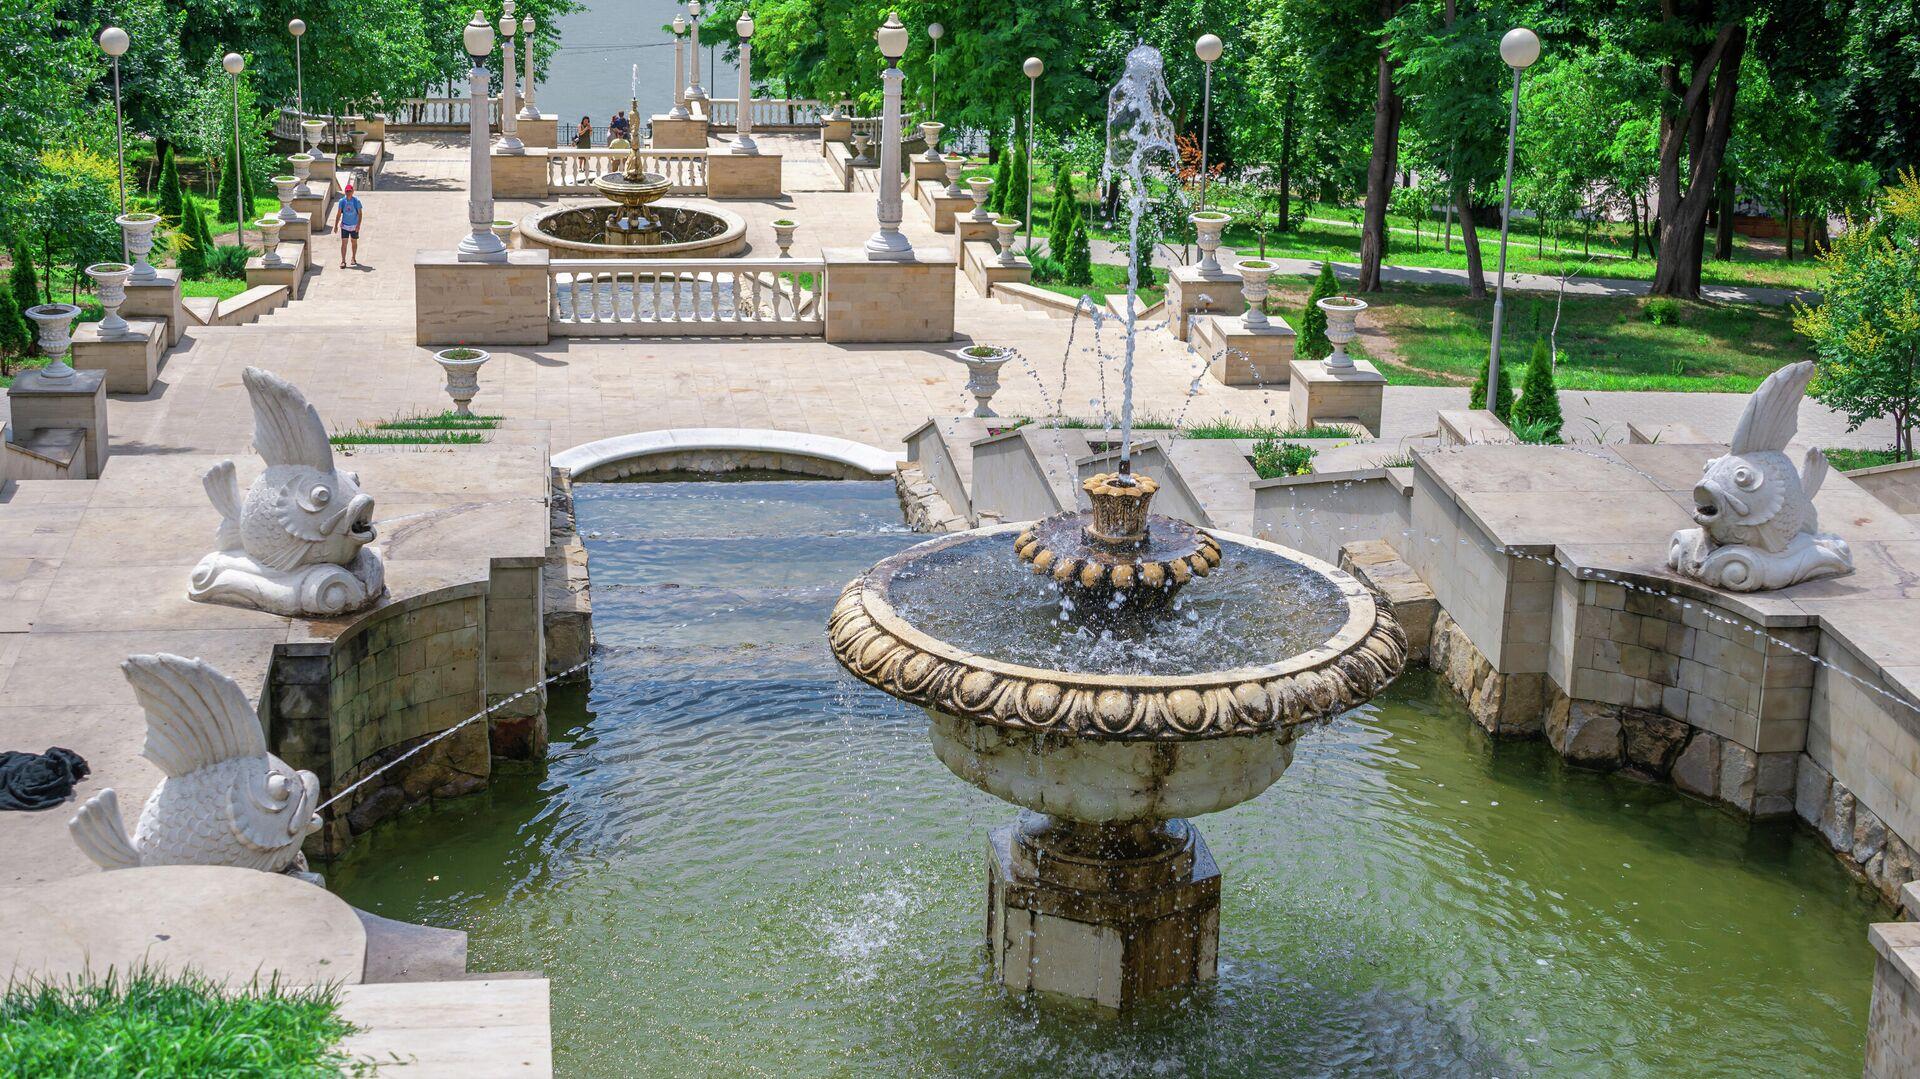 Фонтаны и каскадные лестницы в парке Валя Морилор в Кишиневе, Молдавия - РИА Новости, 1920, 03.07.2021